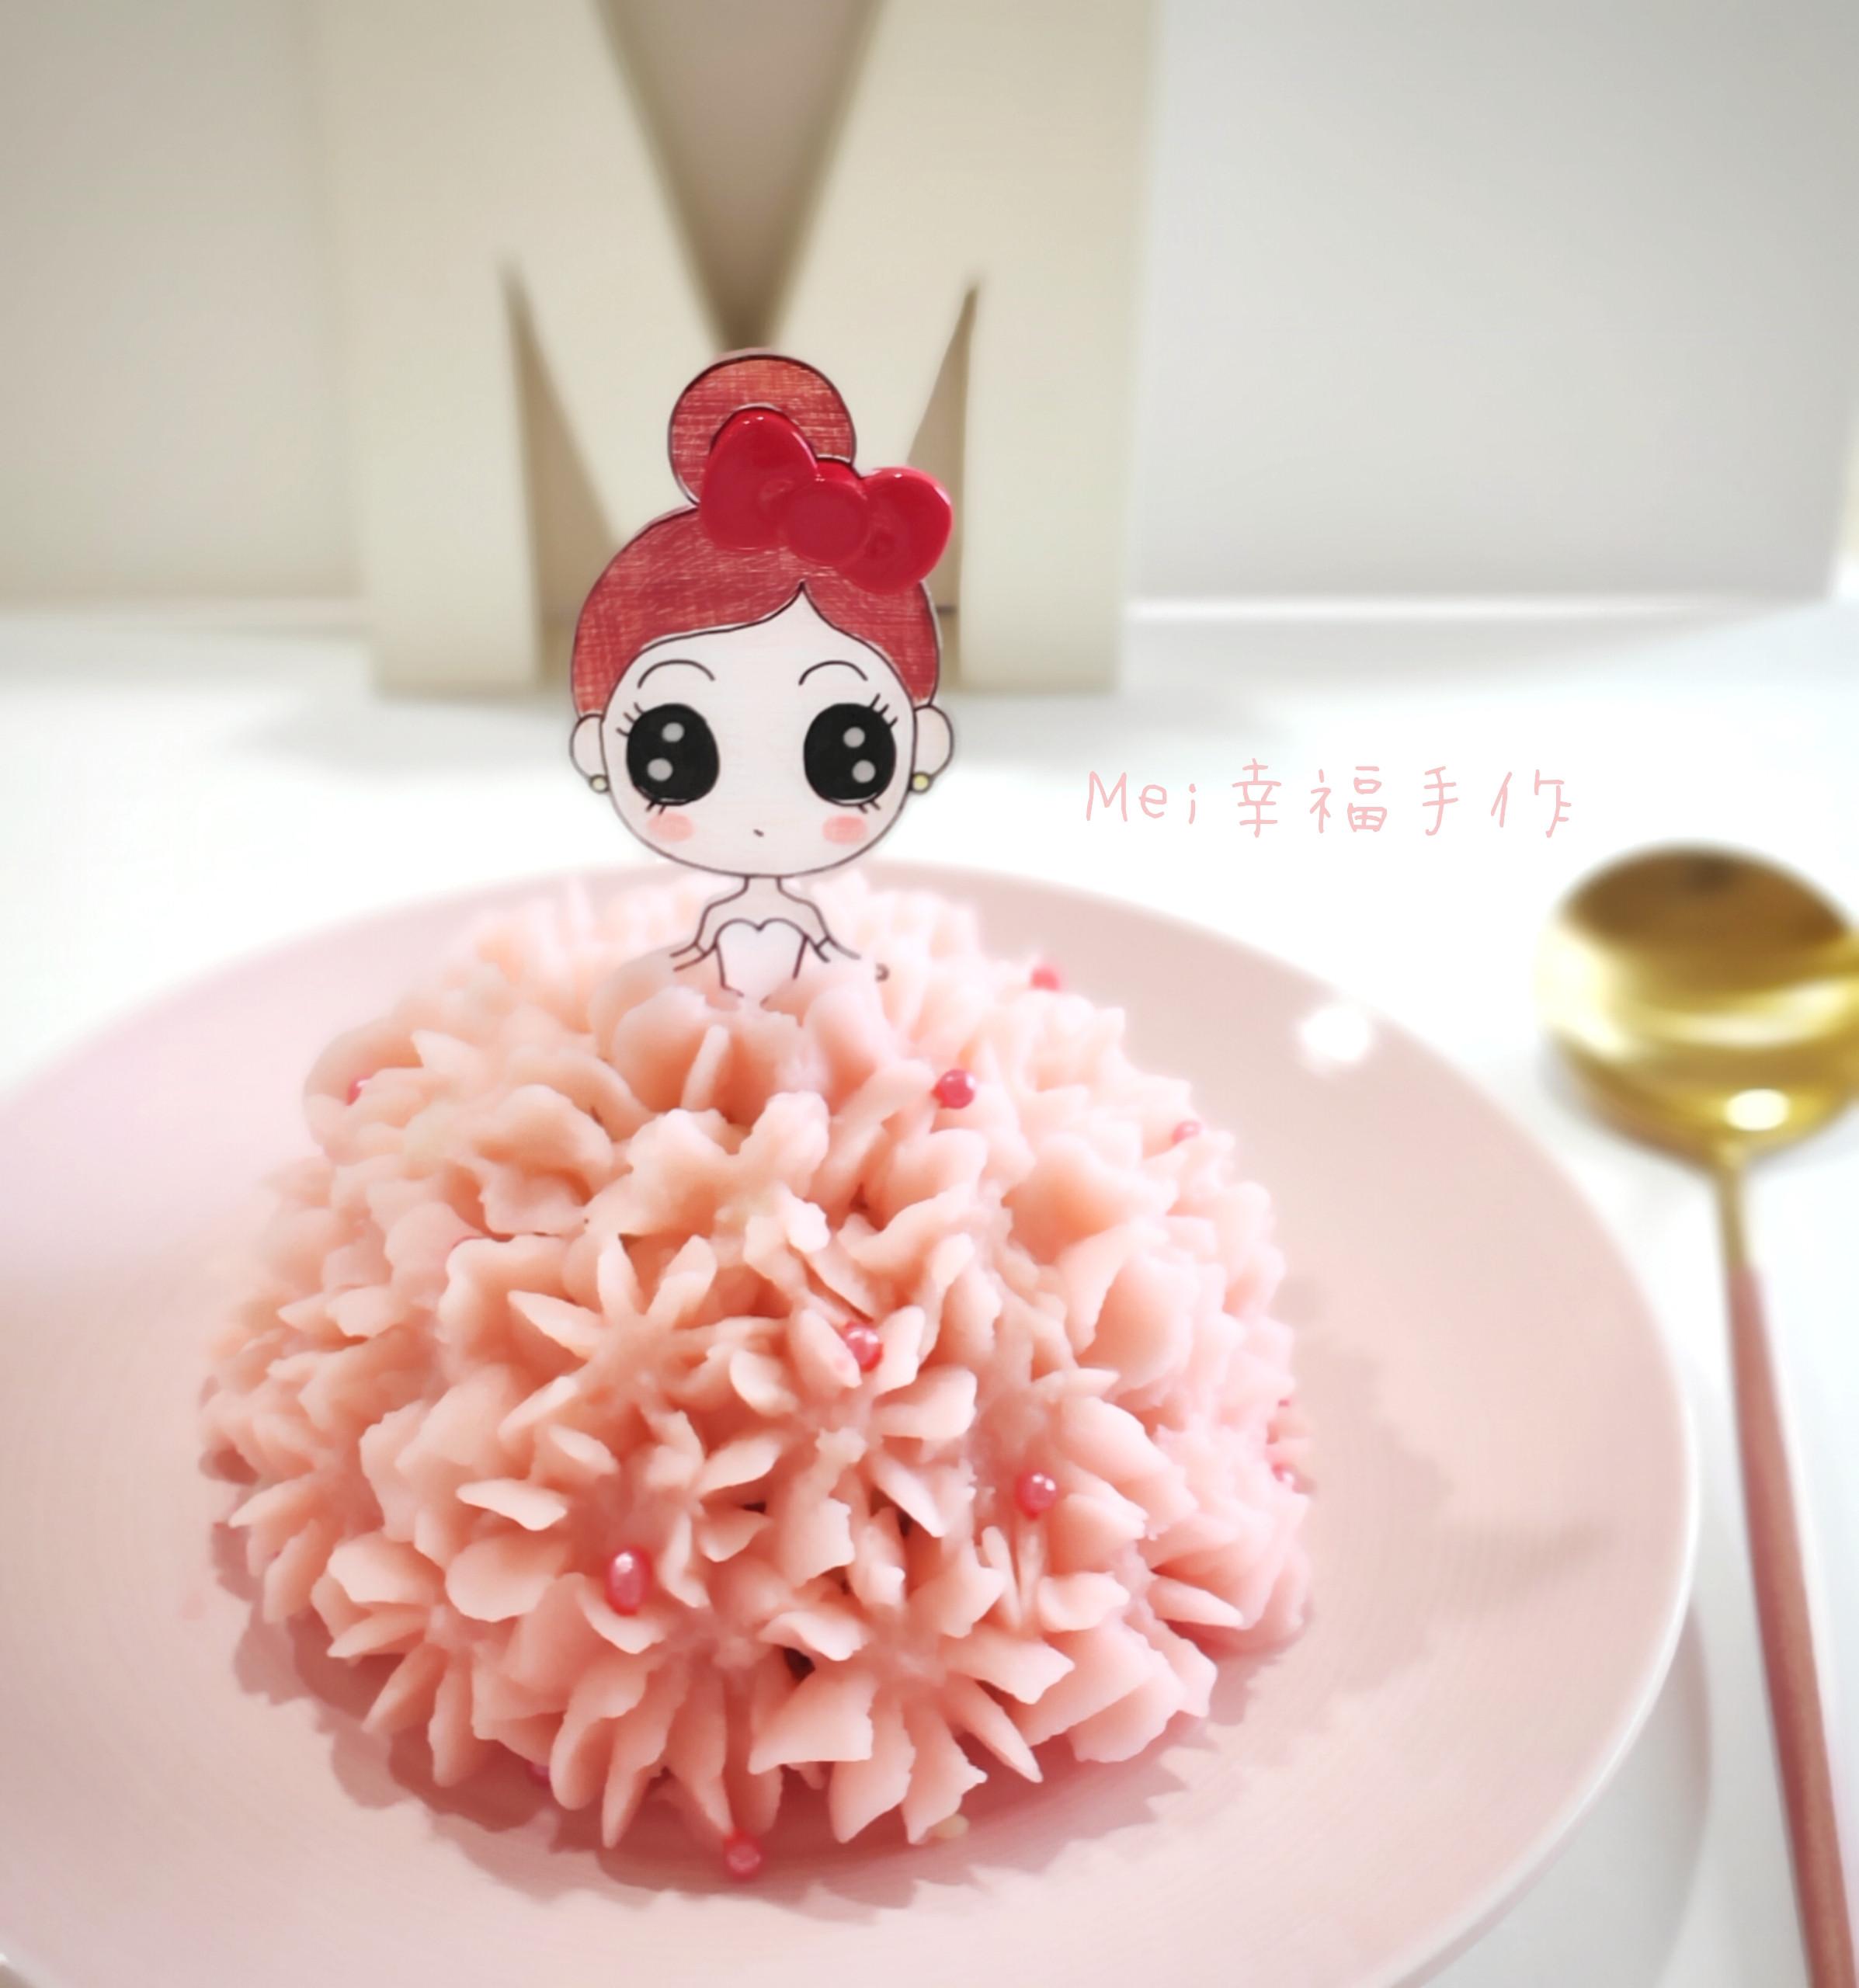 【親子食堂】將炒飯變好吃之公主蛋糕飯